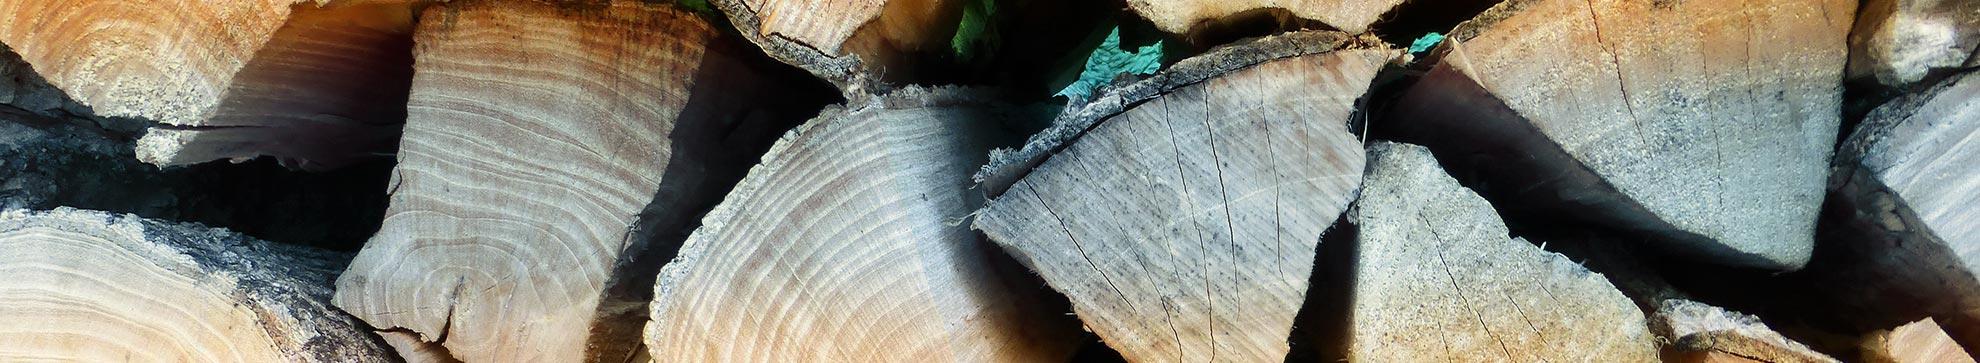 achat de bois et paiement en 3 fois sans frais